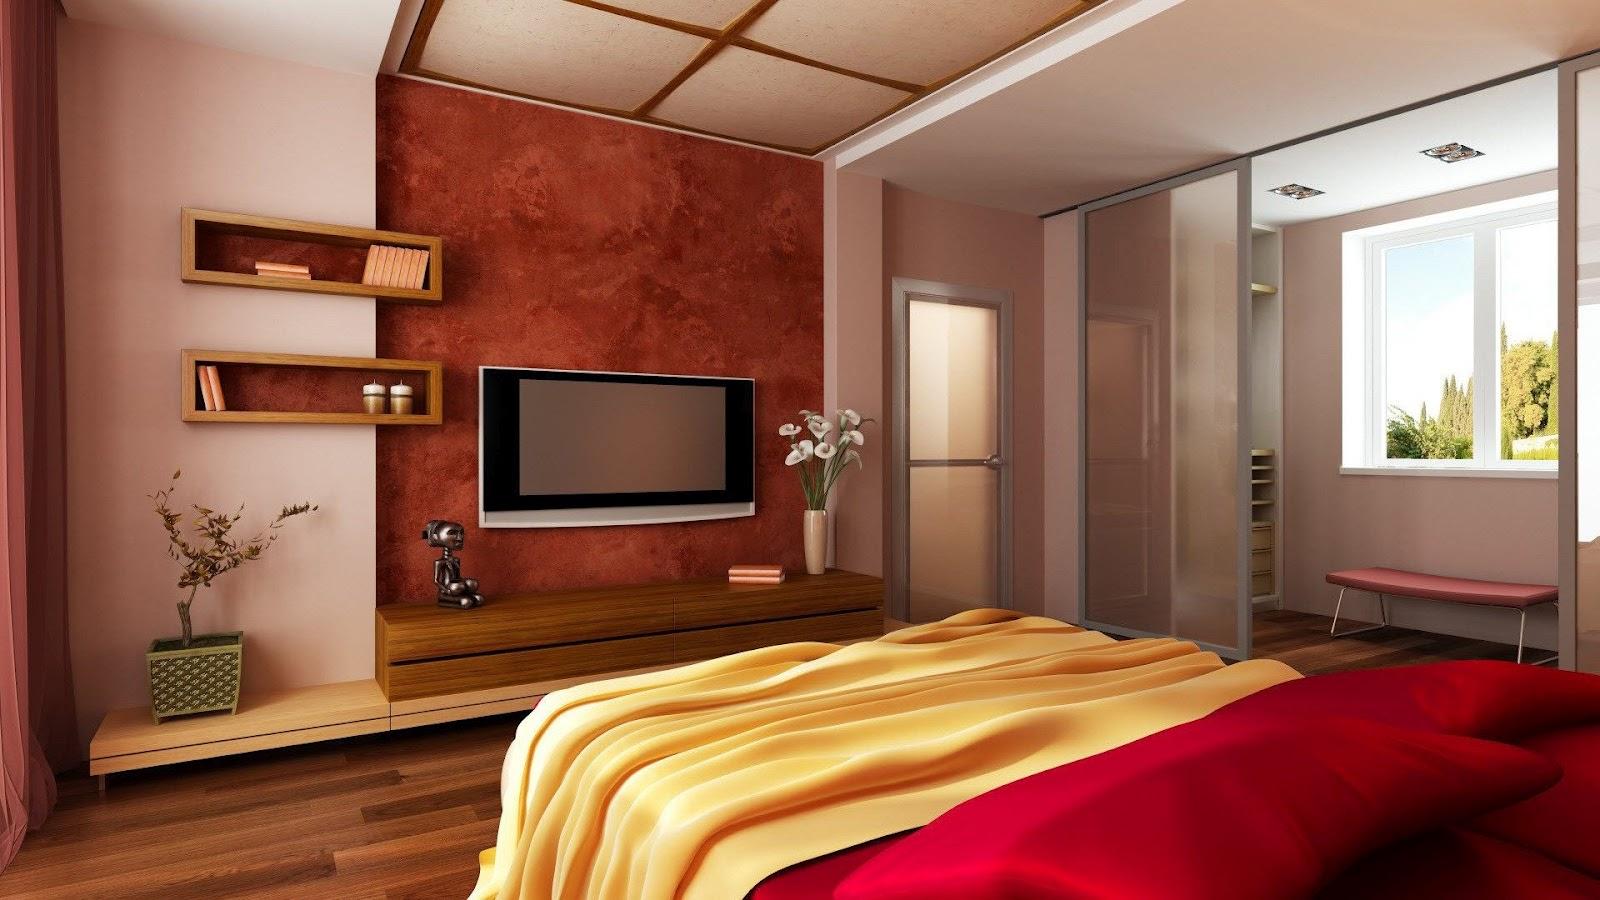 http://4.bp.blogspot.com/-TjX8EJMaX8I/UCsBuBr7jJI/AAAAAAAADzo/DSpANI9jvQE/s1600/a-bedroom-1920x1080.jpg